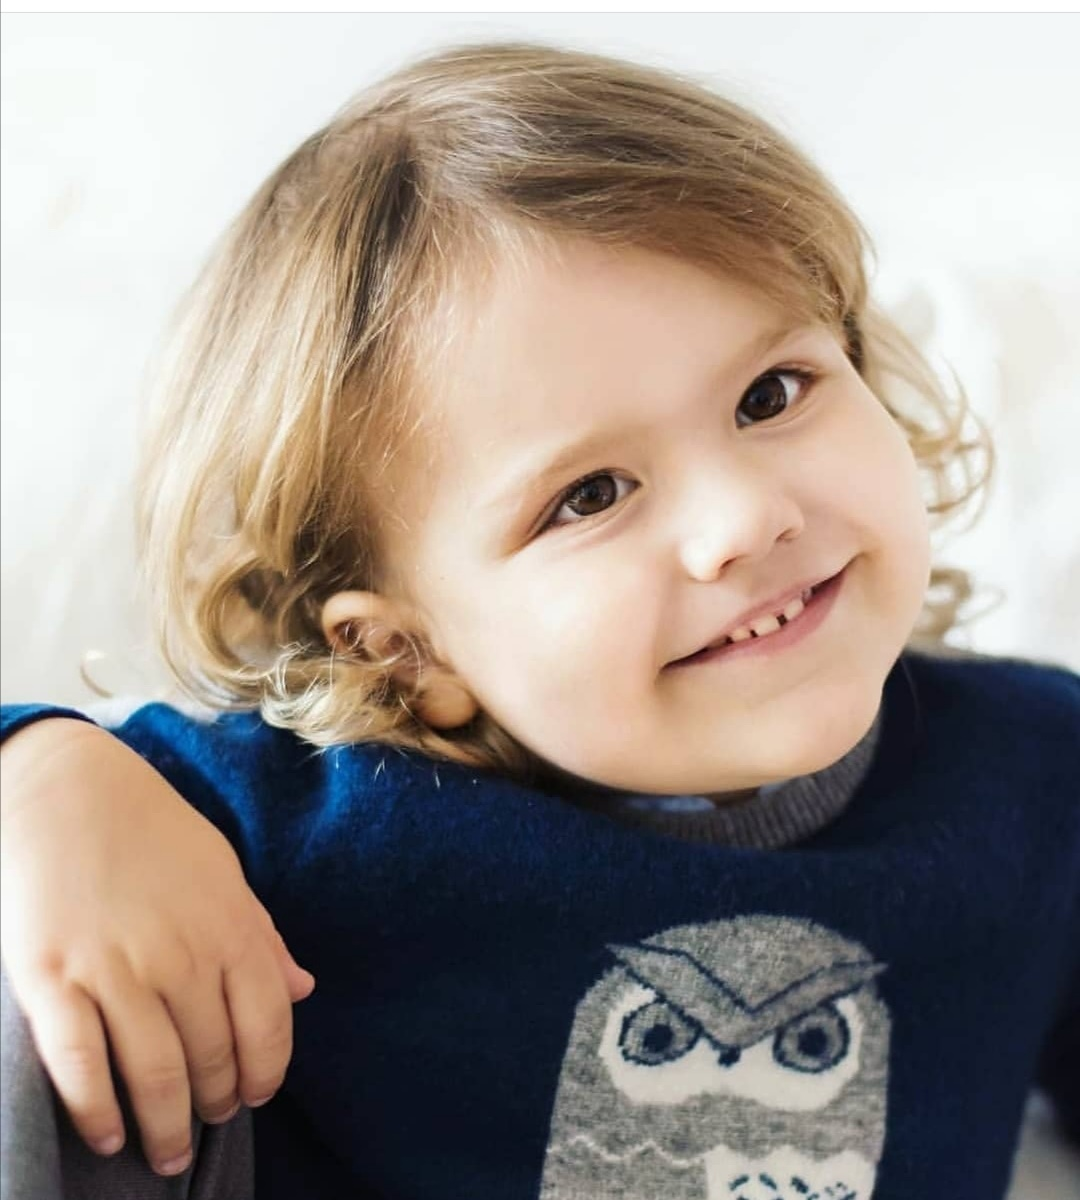 طفلهما الأول الأمير ألكسندر- الصورة من حساب الأمير كارل فيليب على إنستغرام